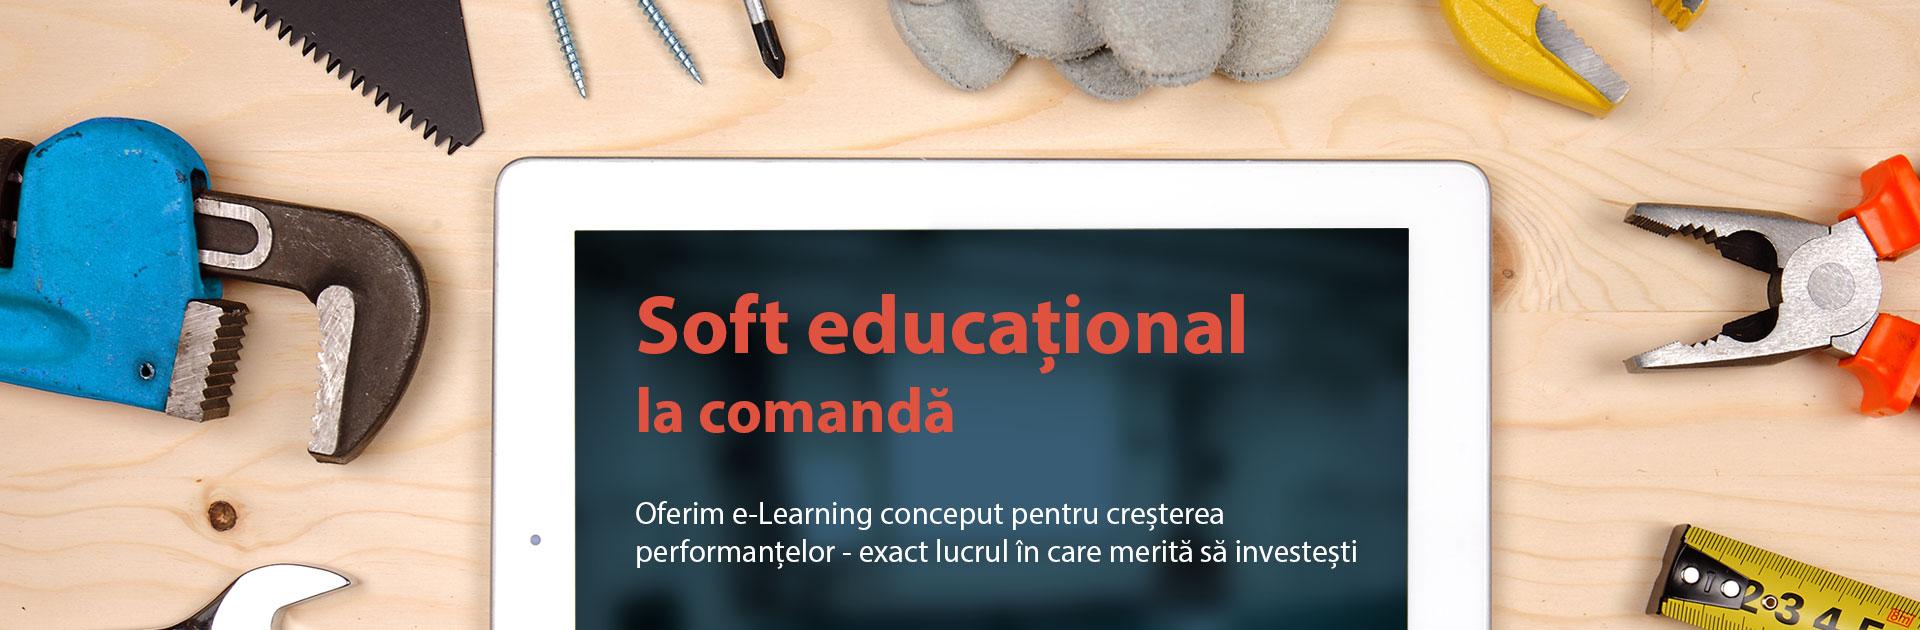 Software educaţional la comandă